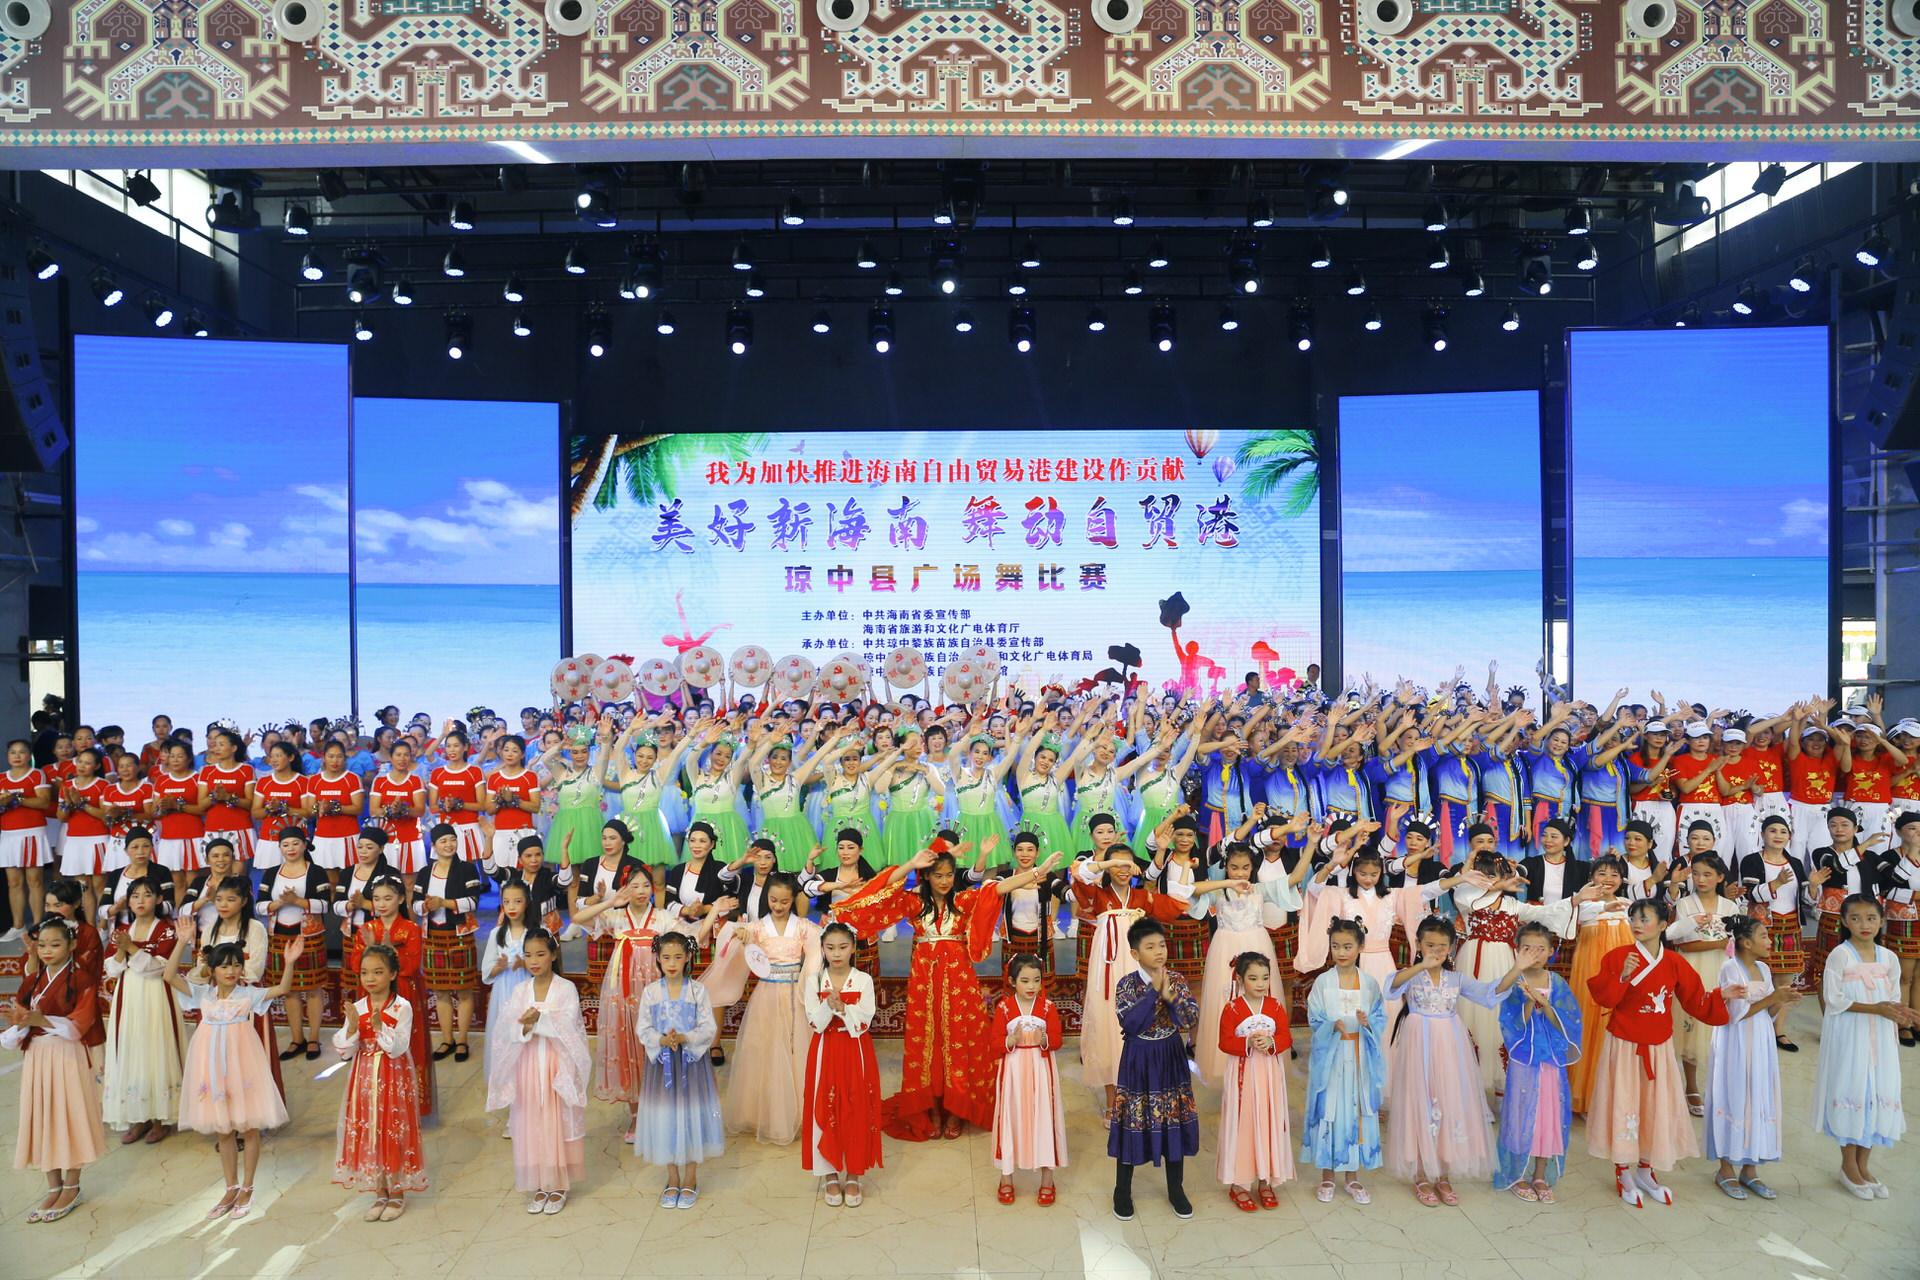 海南:多市县64支队伍舞动自贸港 提升群众公共文化活动